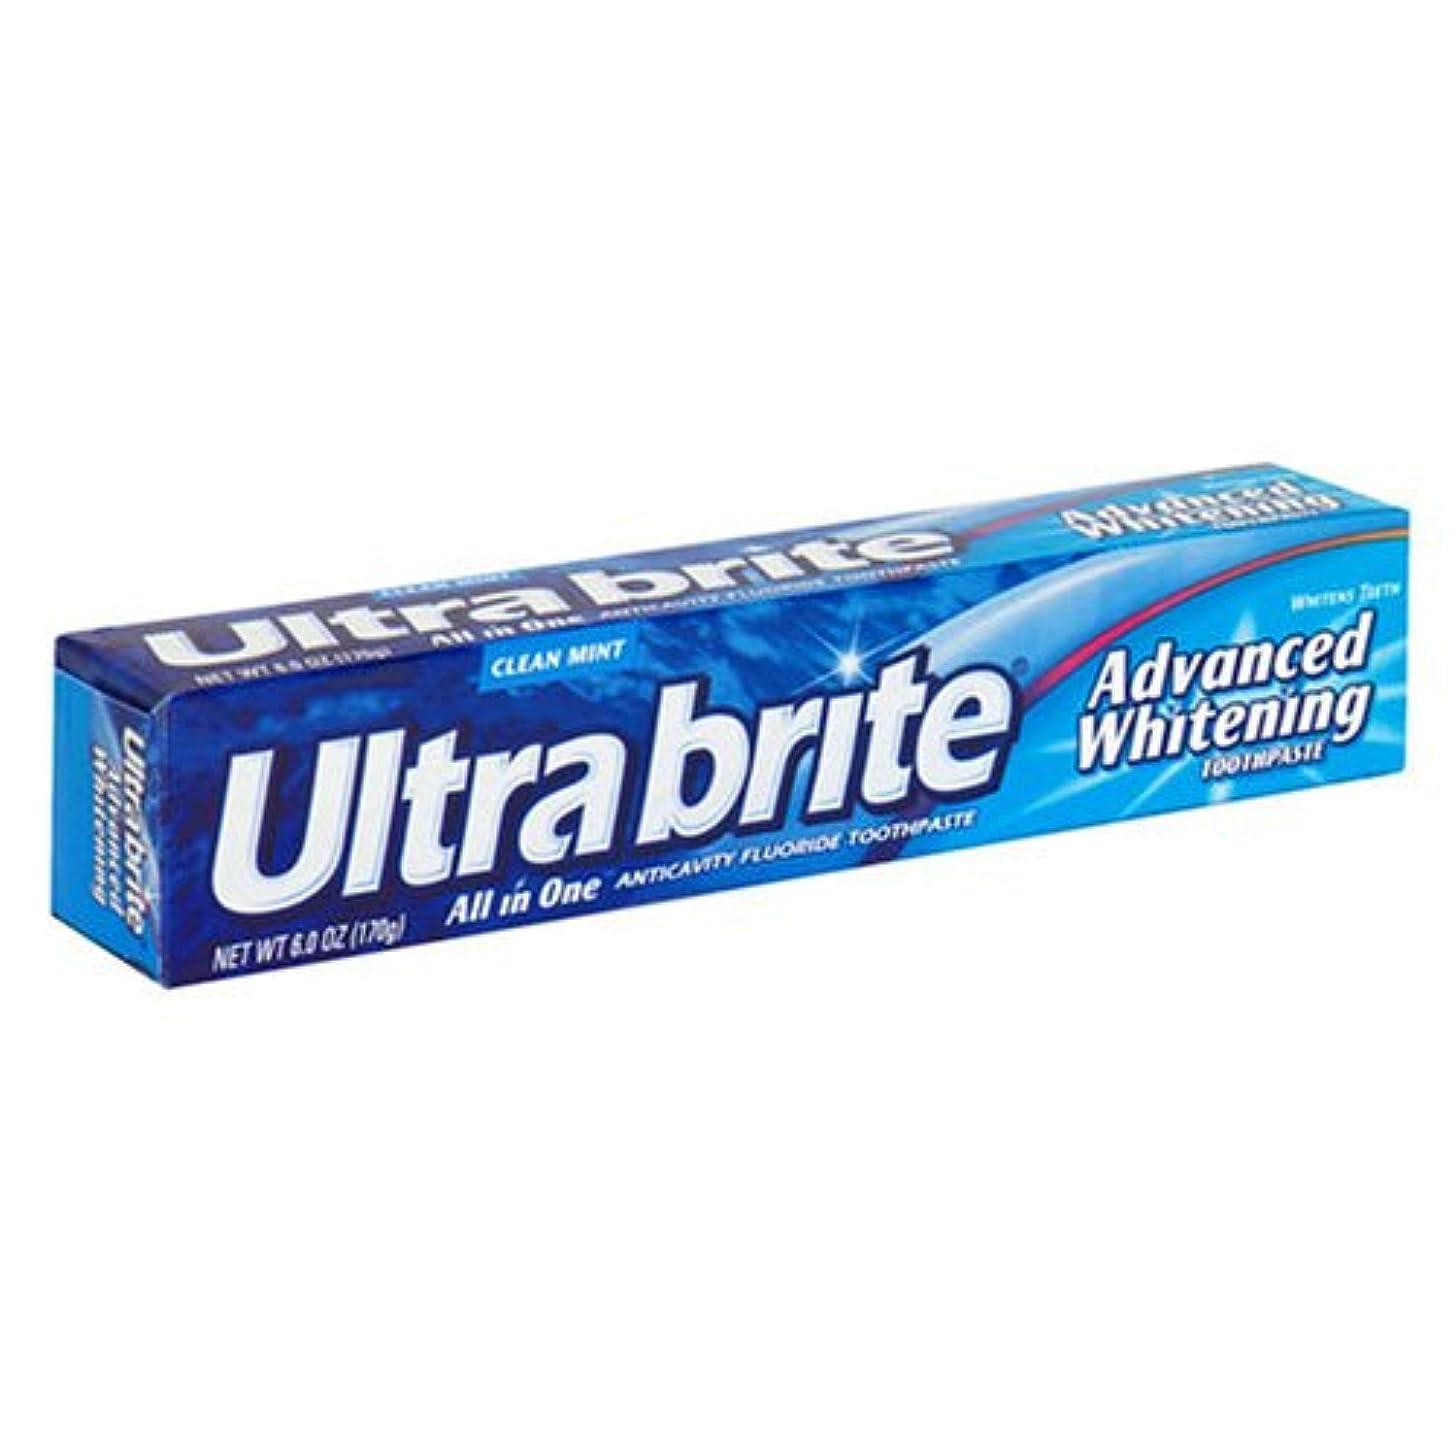 思われるメロディアス巡礼者海外直送肘 Colgate Ultra Brite Advanced Whitening Fluoride Toothpaste, 6 oz